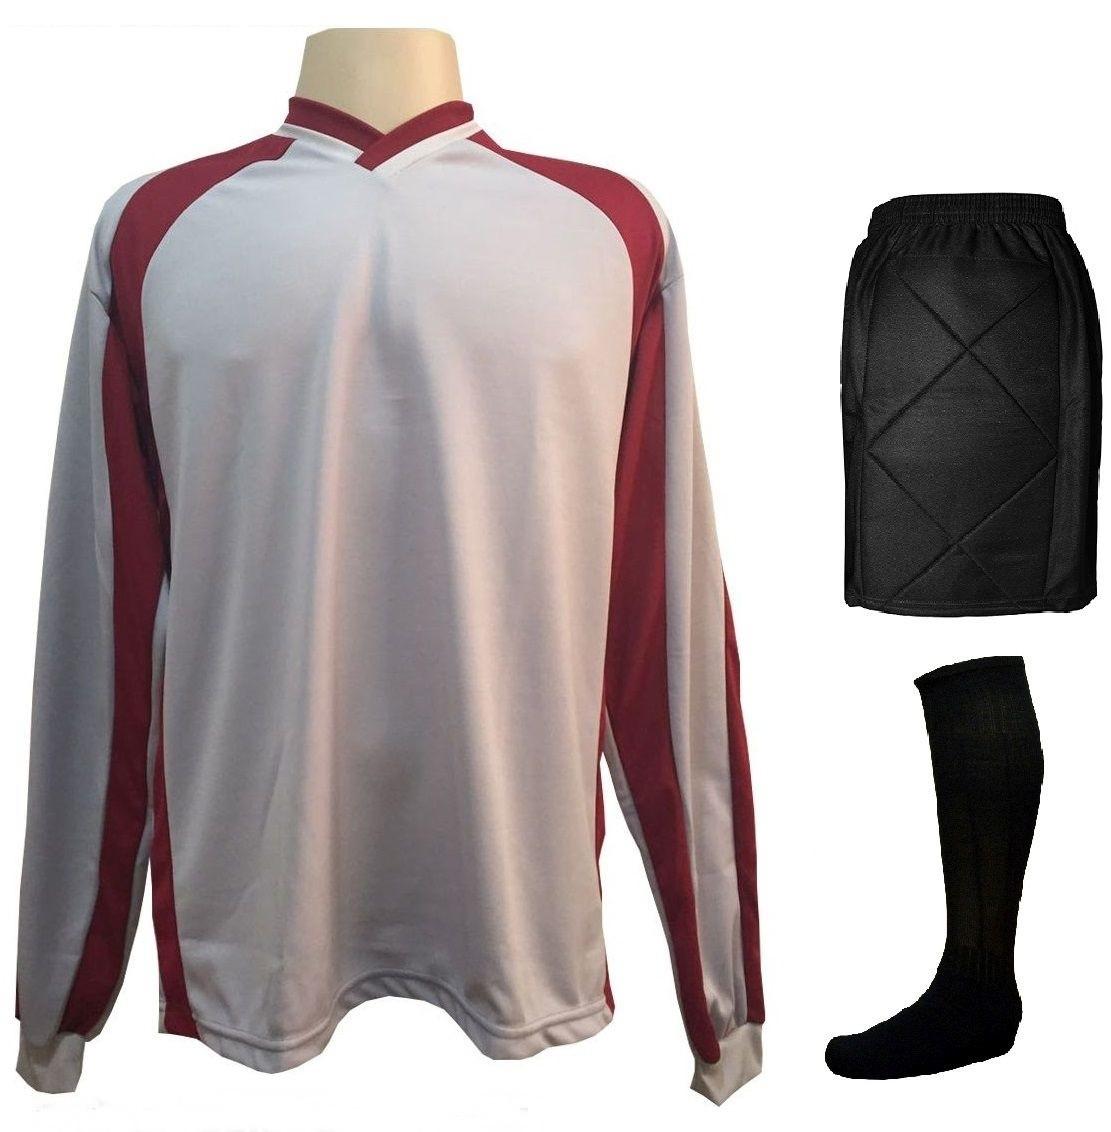 Uniforme Esportivo Completo Modelo Suécia 14+1 (14 Camisas Royal/Branco + 14 Calções Modelo Copa Royal/Branco + 14 Pares de Meiões Brancos + 1 Conjunto de Goleiro) + Brindes